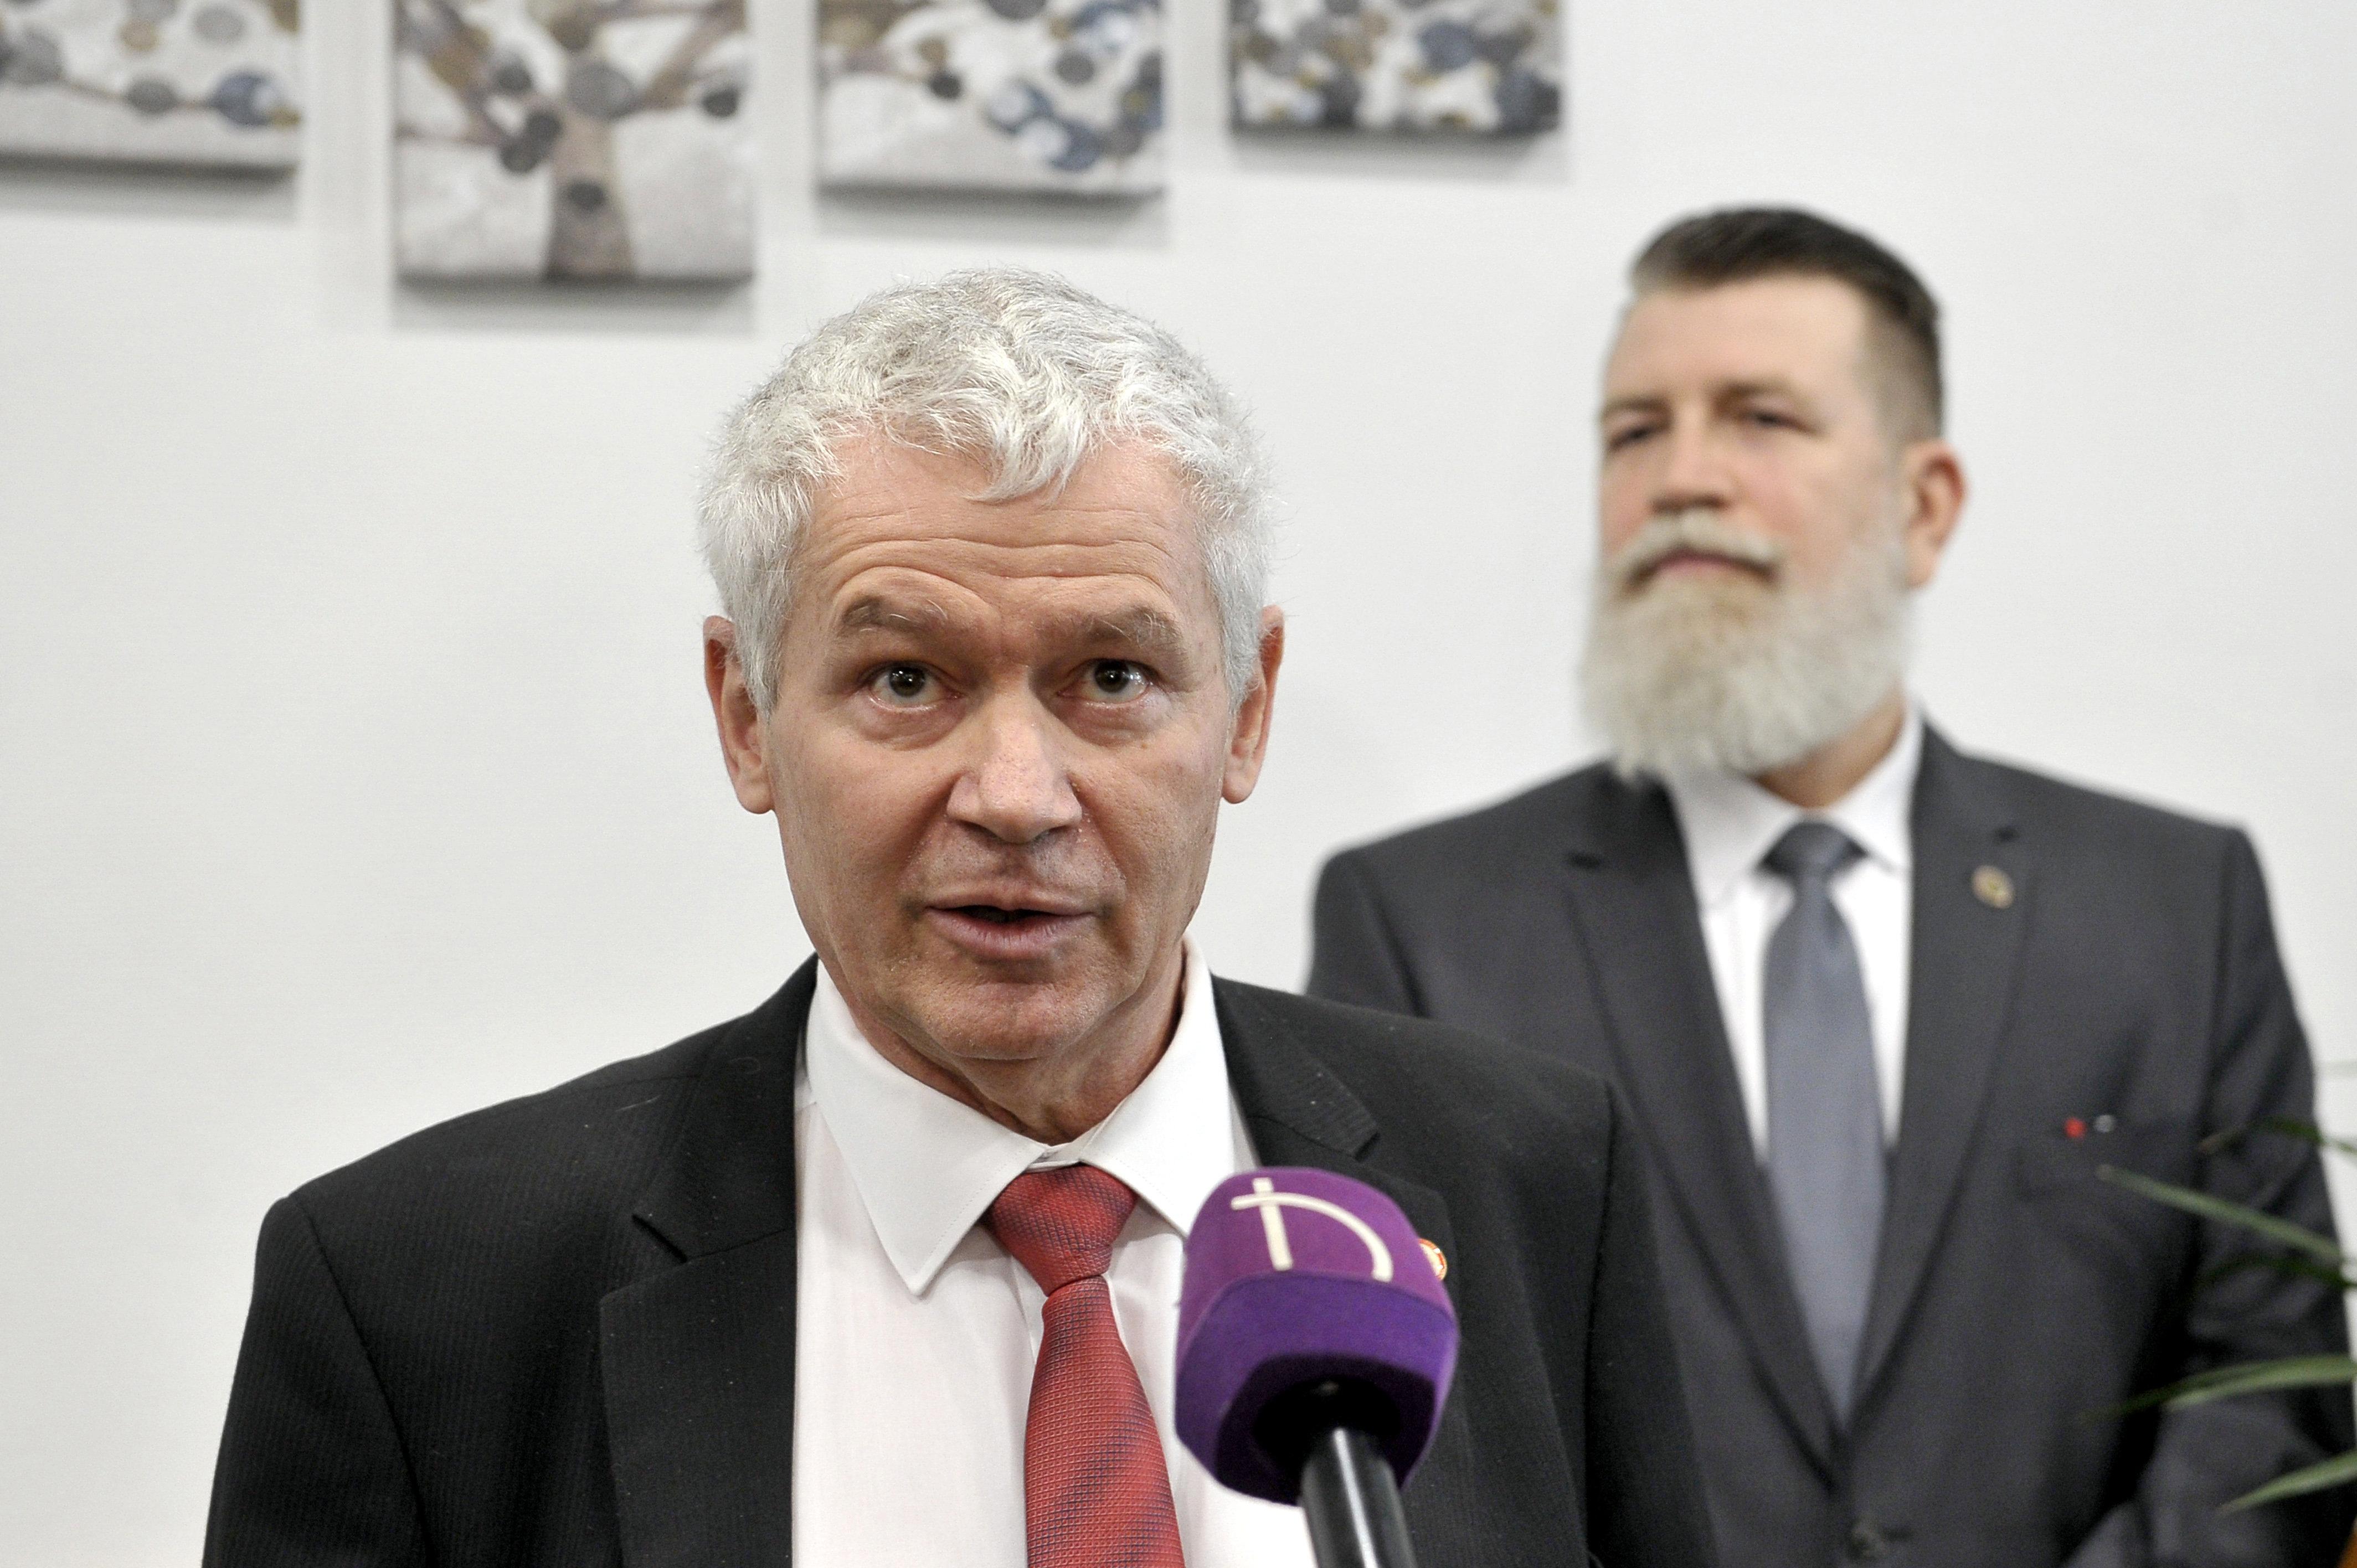 Miért használ kettős mércét az ügyészség a választási jogsértéseknél? - kérdezte Poltot Kocsis-Cake Olivio